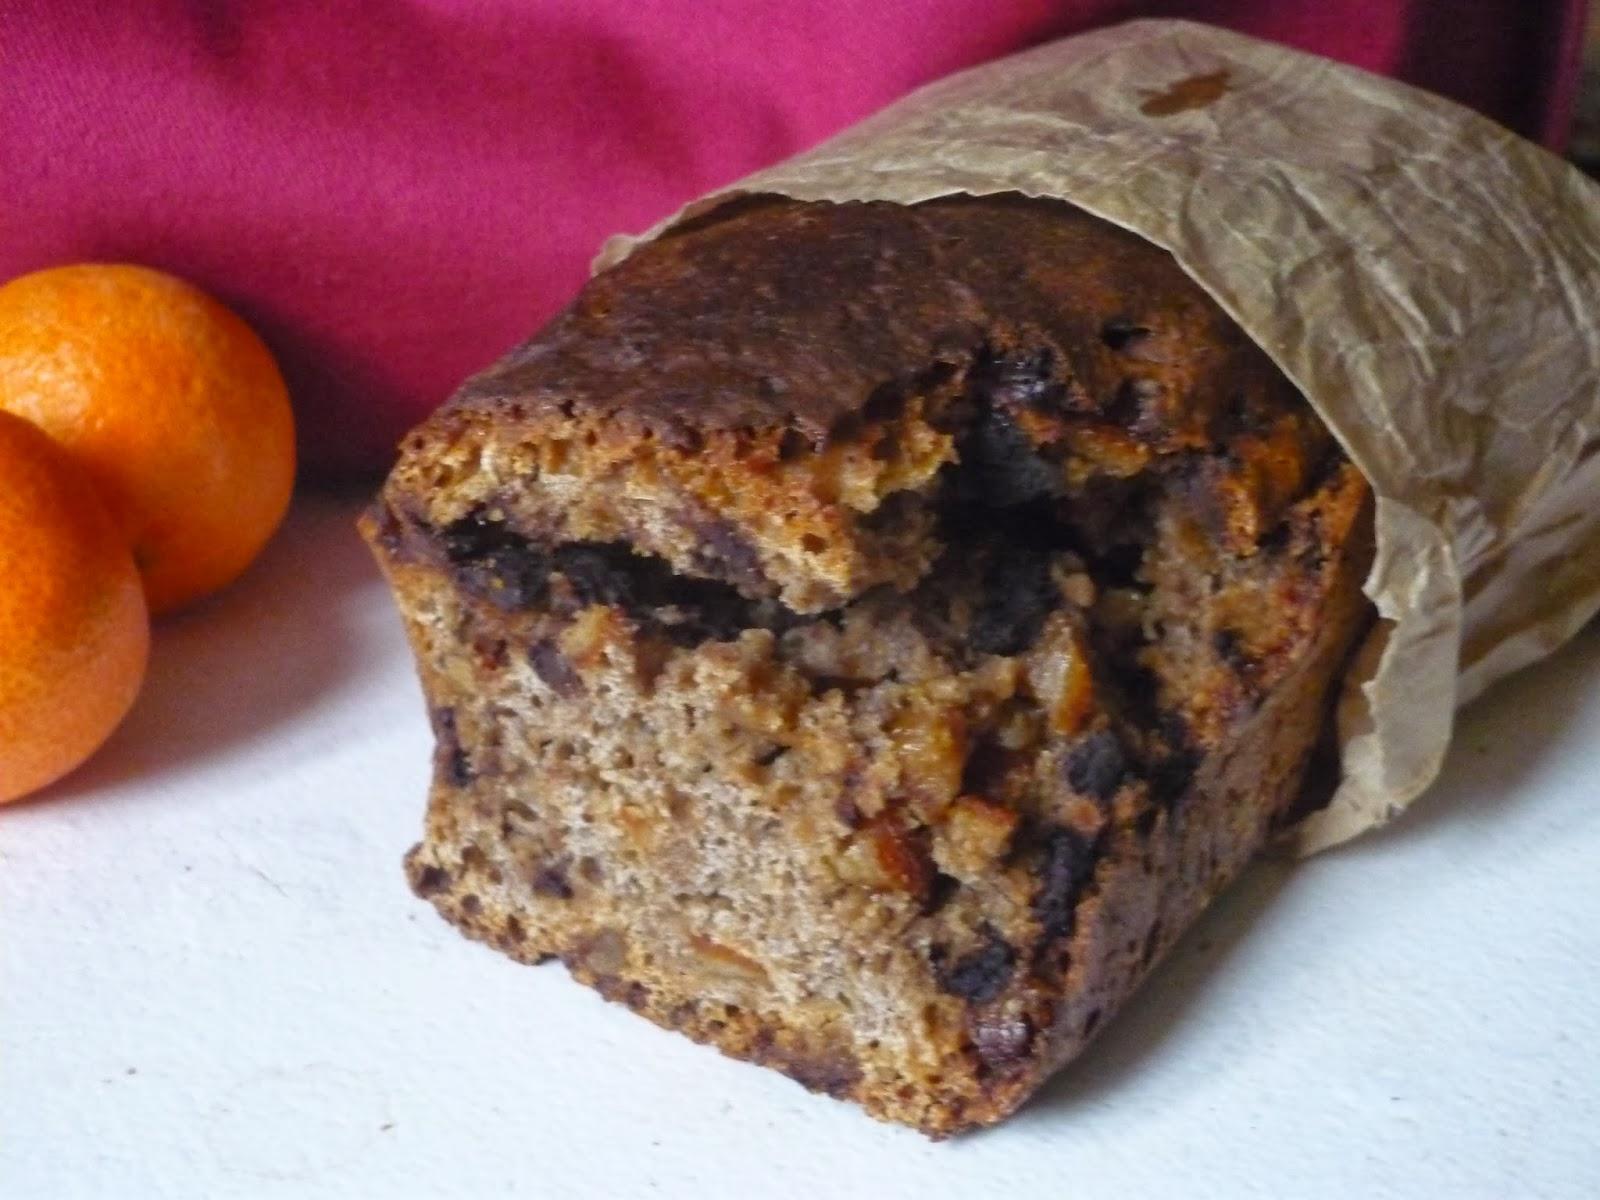 https://cuillereetsaladier.blogspot.com/2013/11/pain-aux-pepites-de-chocolat-et-dorange.html